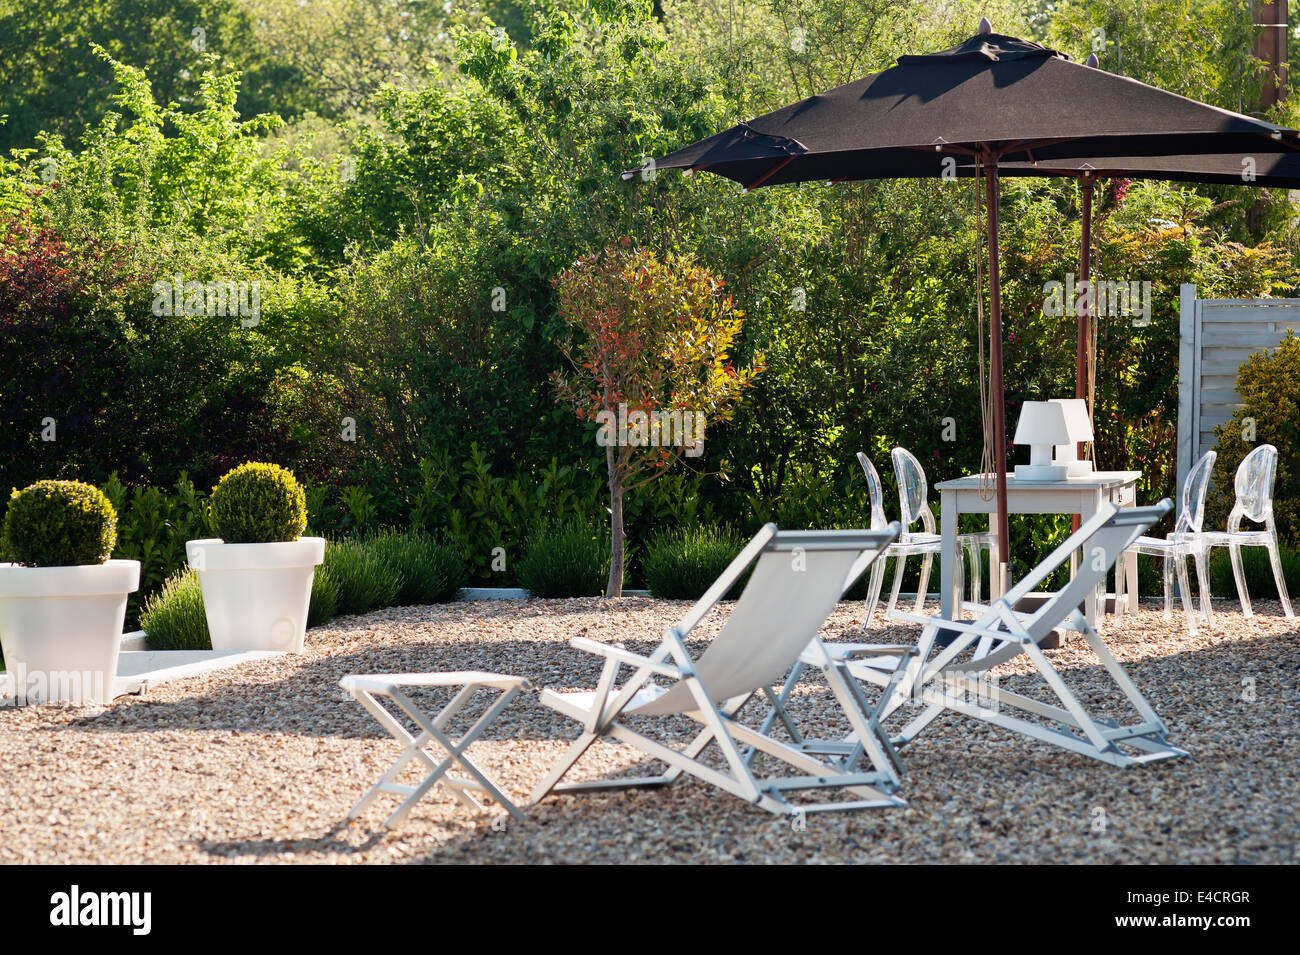 liegestühle und sonnenschirme auf kies terrasse stockfoto, bild